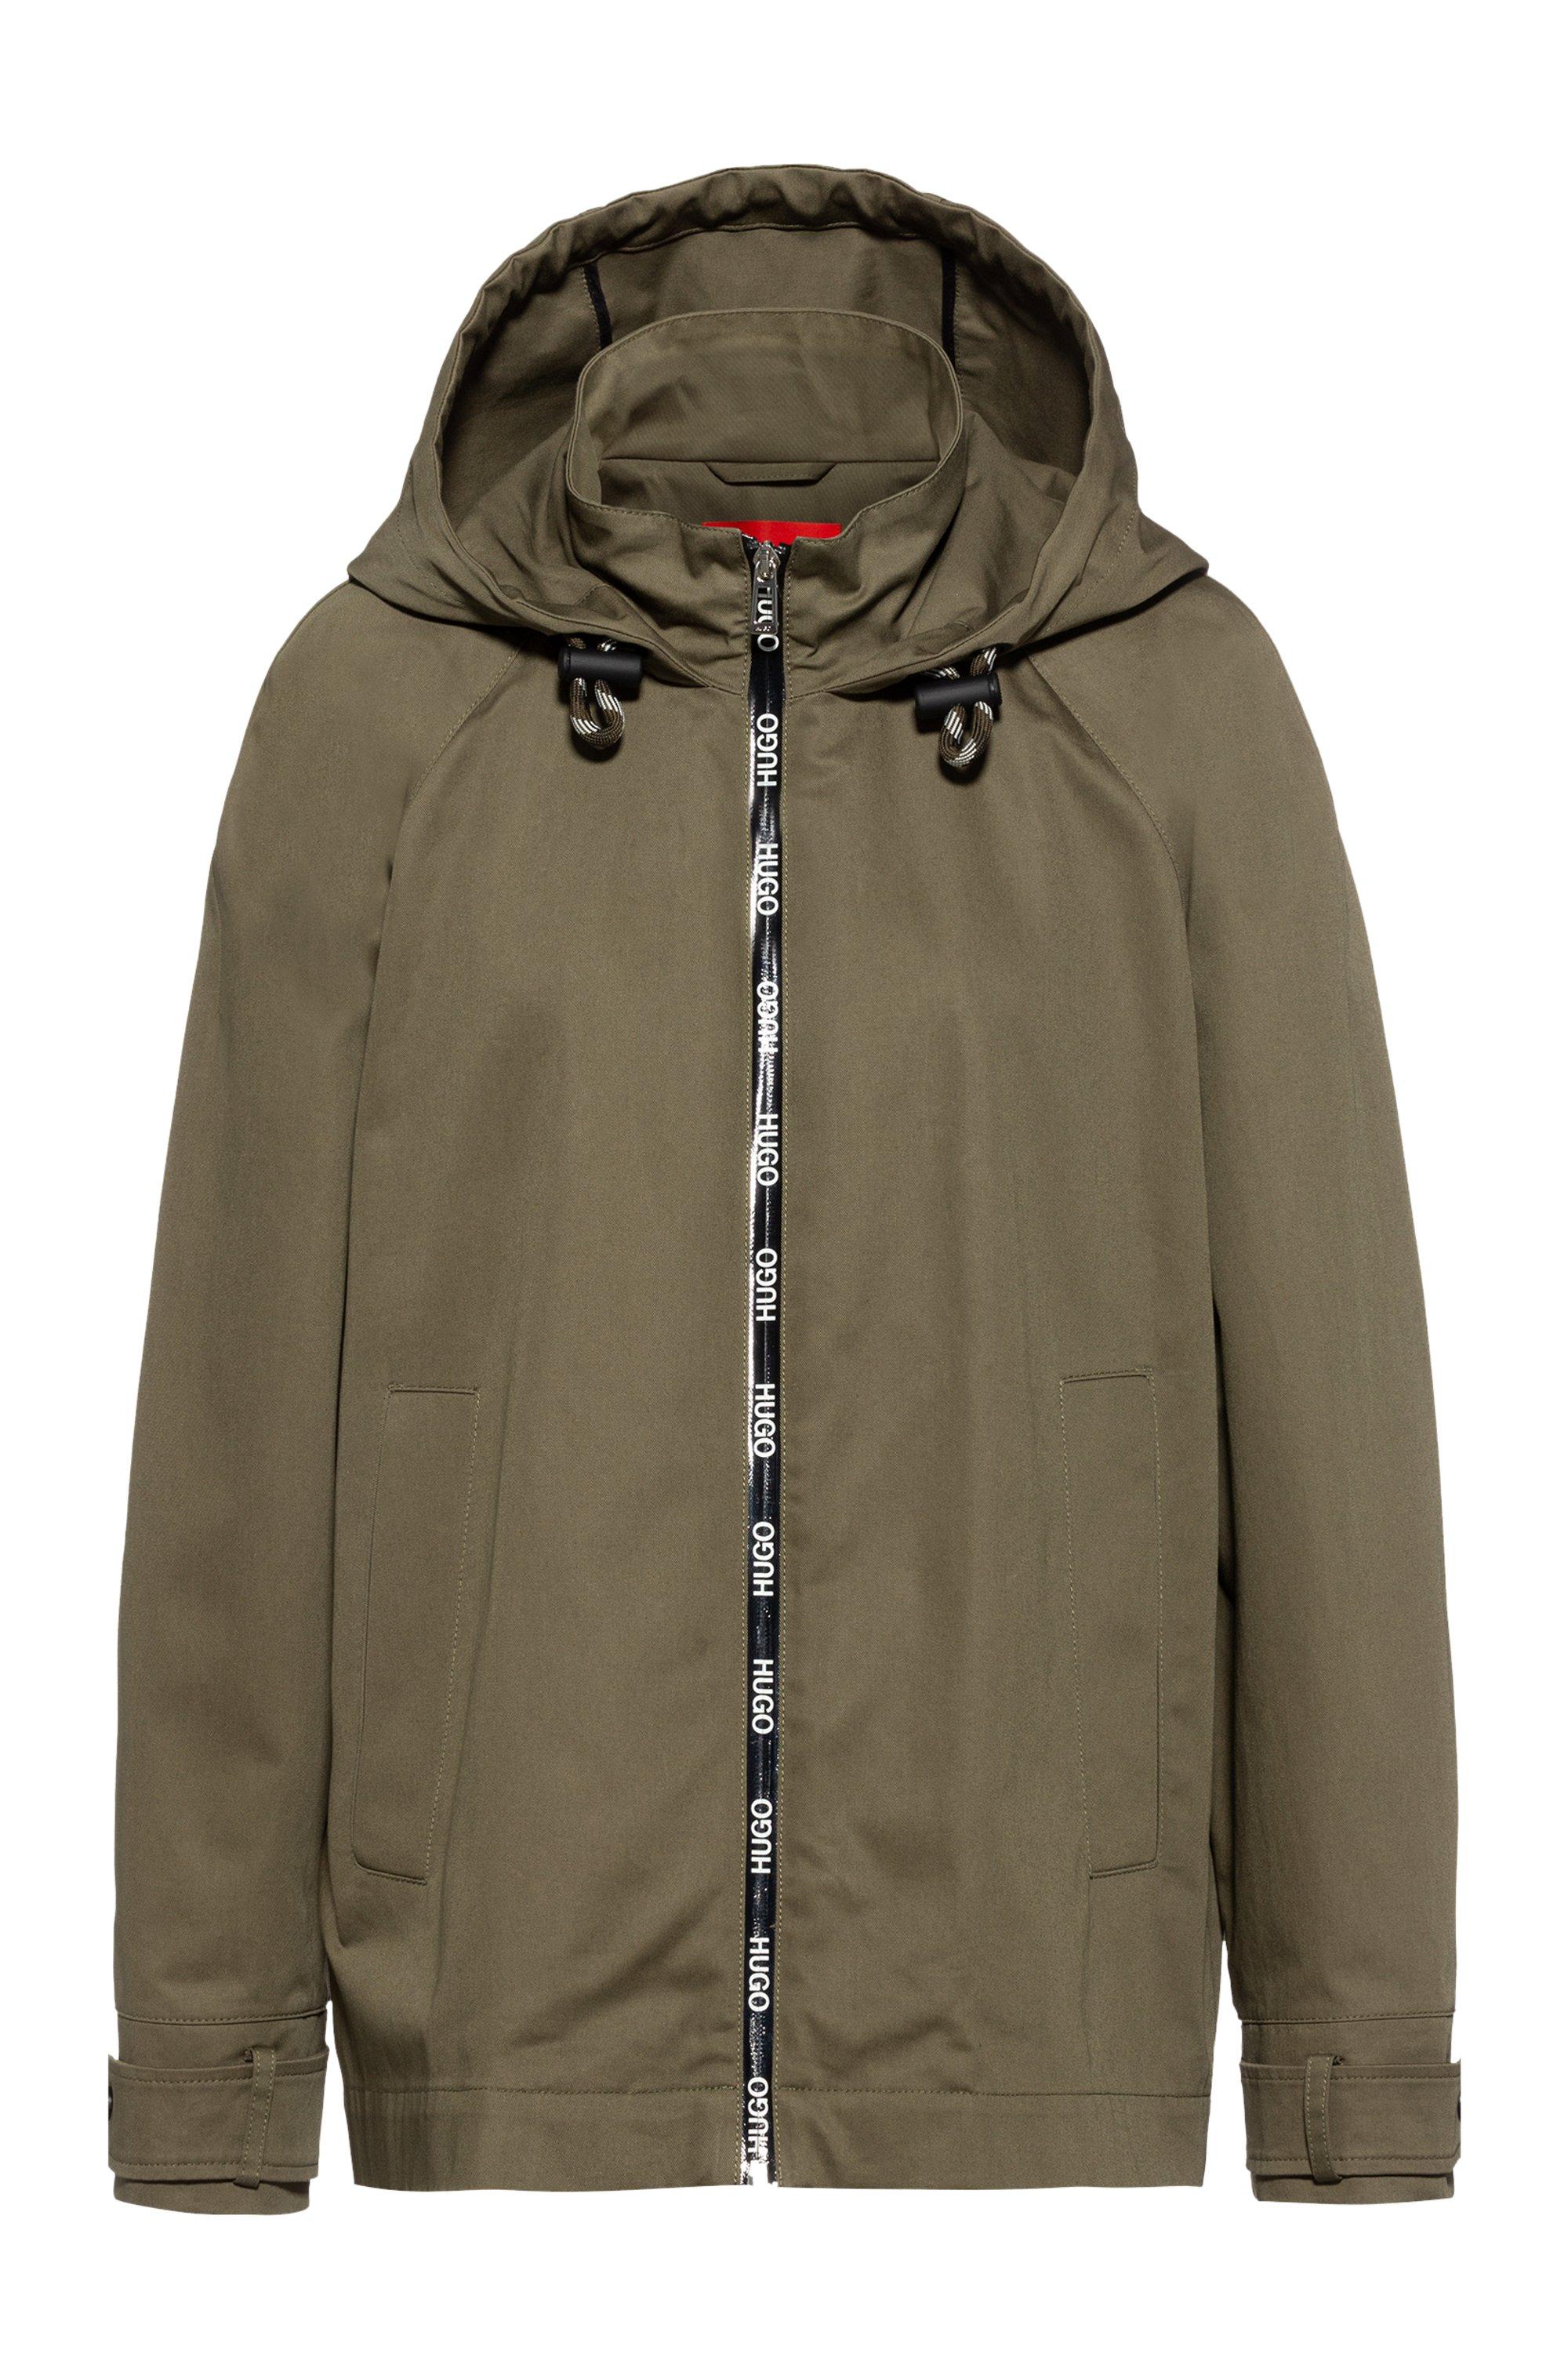 Veste à capuche Relaxed Fit avec bande zippée à logo imprimé, Kaki